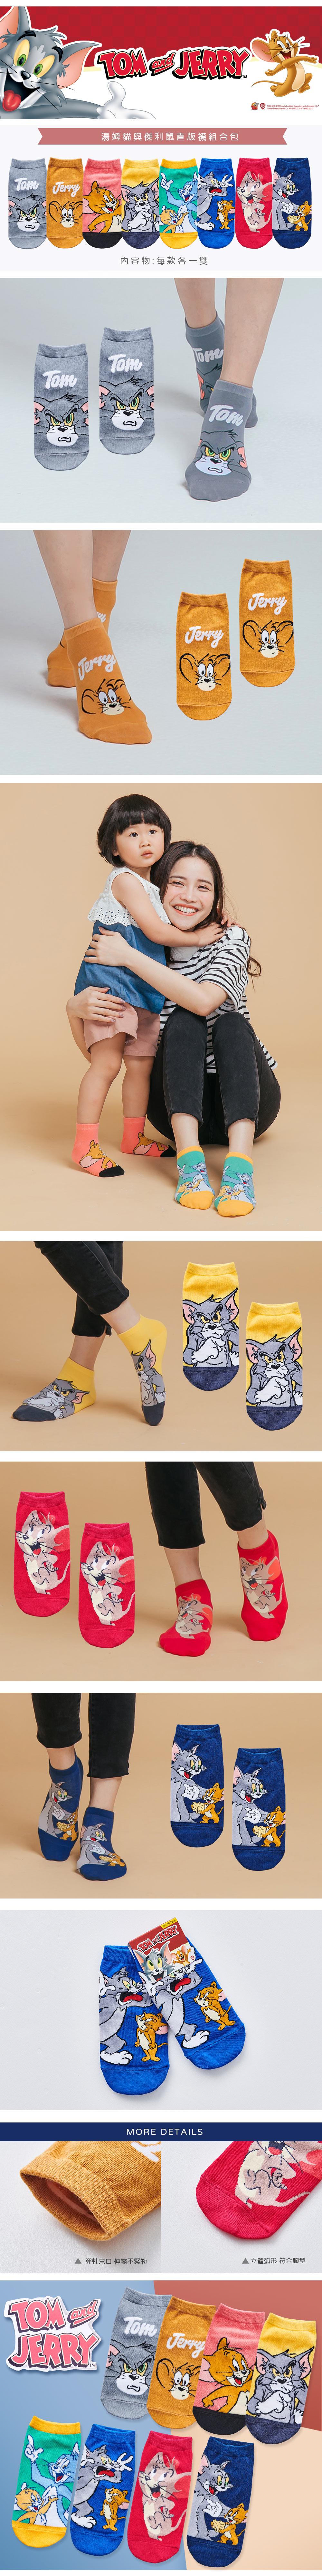 搶先販售/湯姆貓與傑利鼠直版襪(6雙)-01